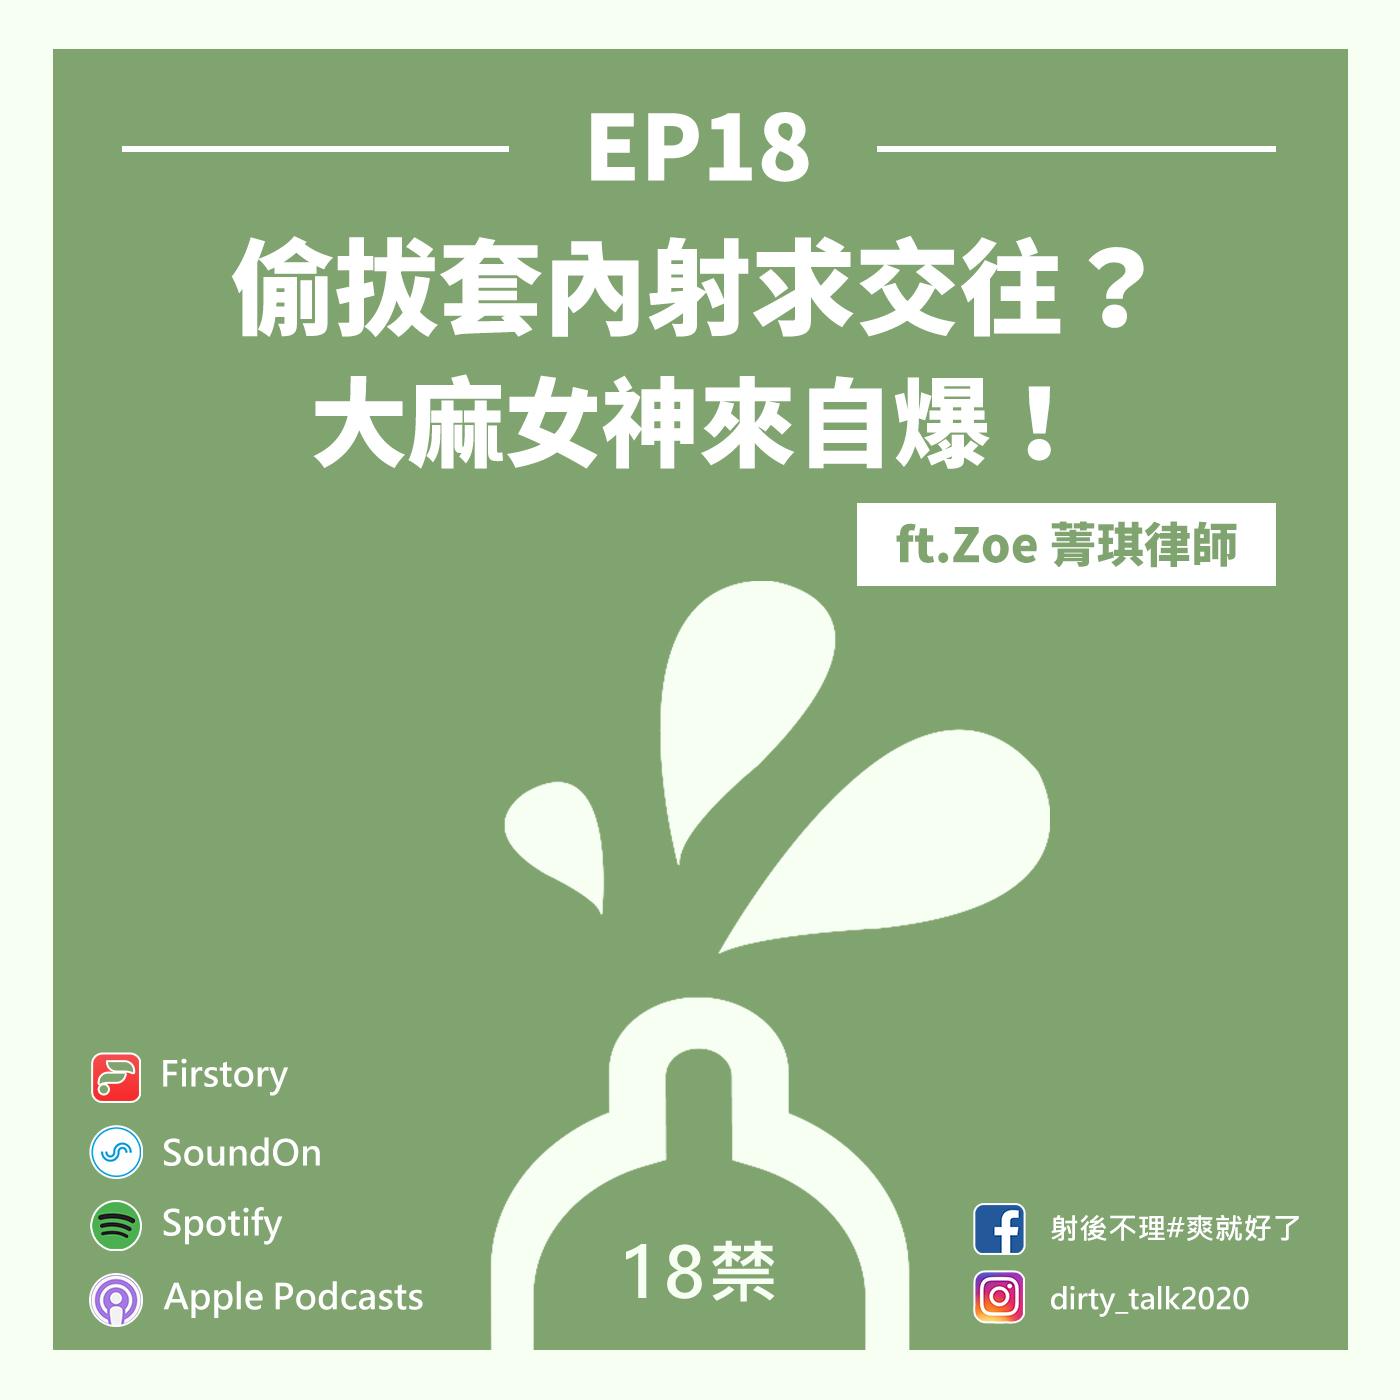 EP18 偷拔套內射求交往?大麻女神來自爆! Feat. Zoe 李菁琪律師